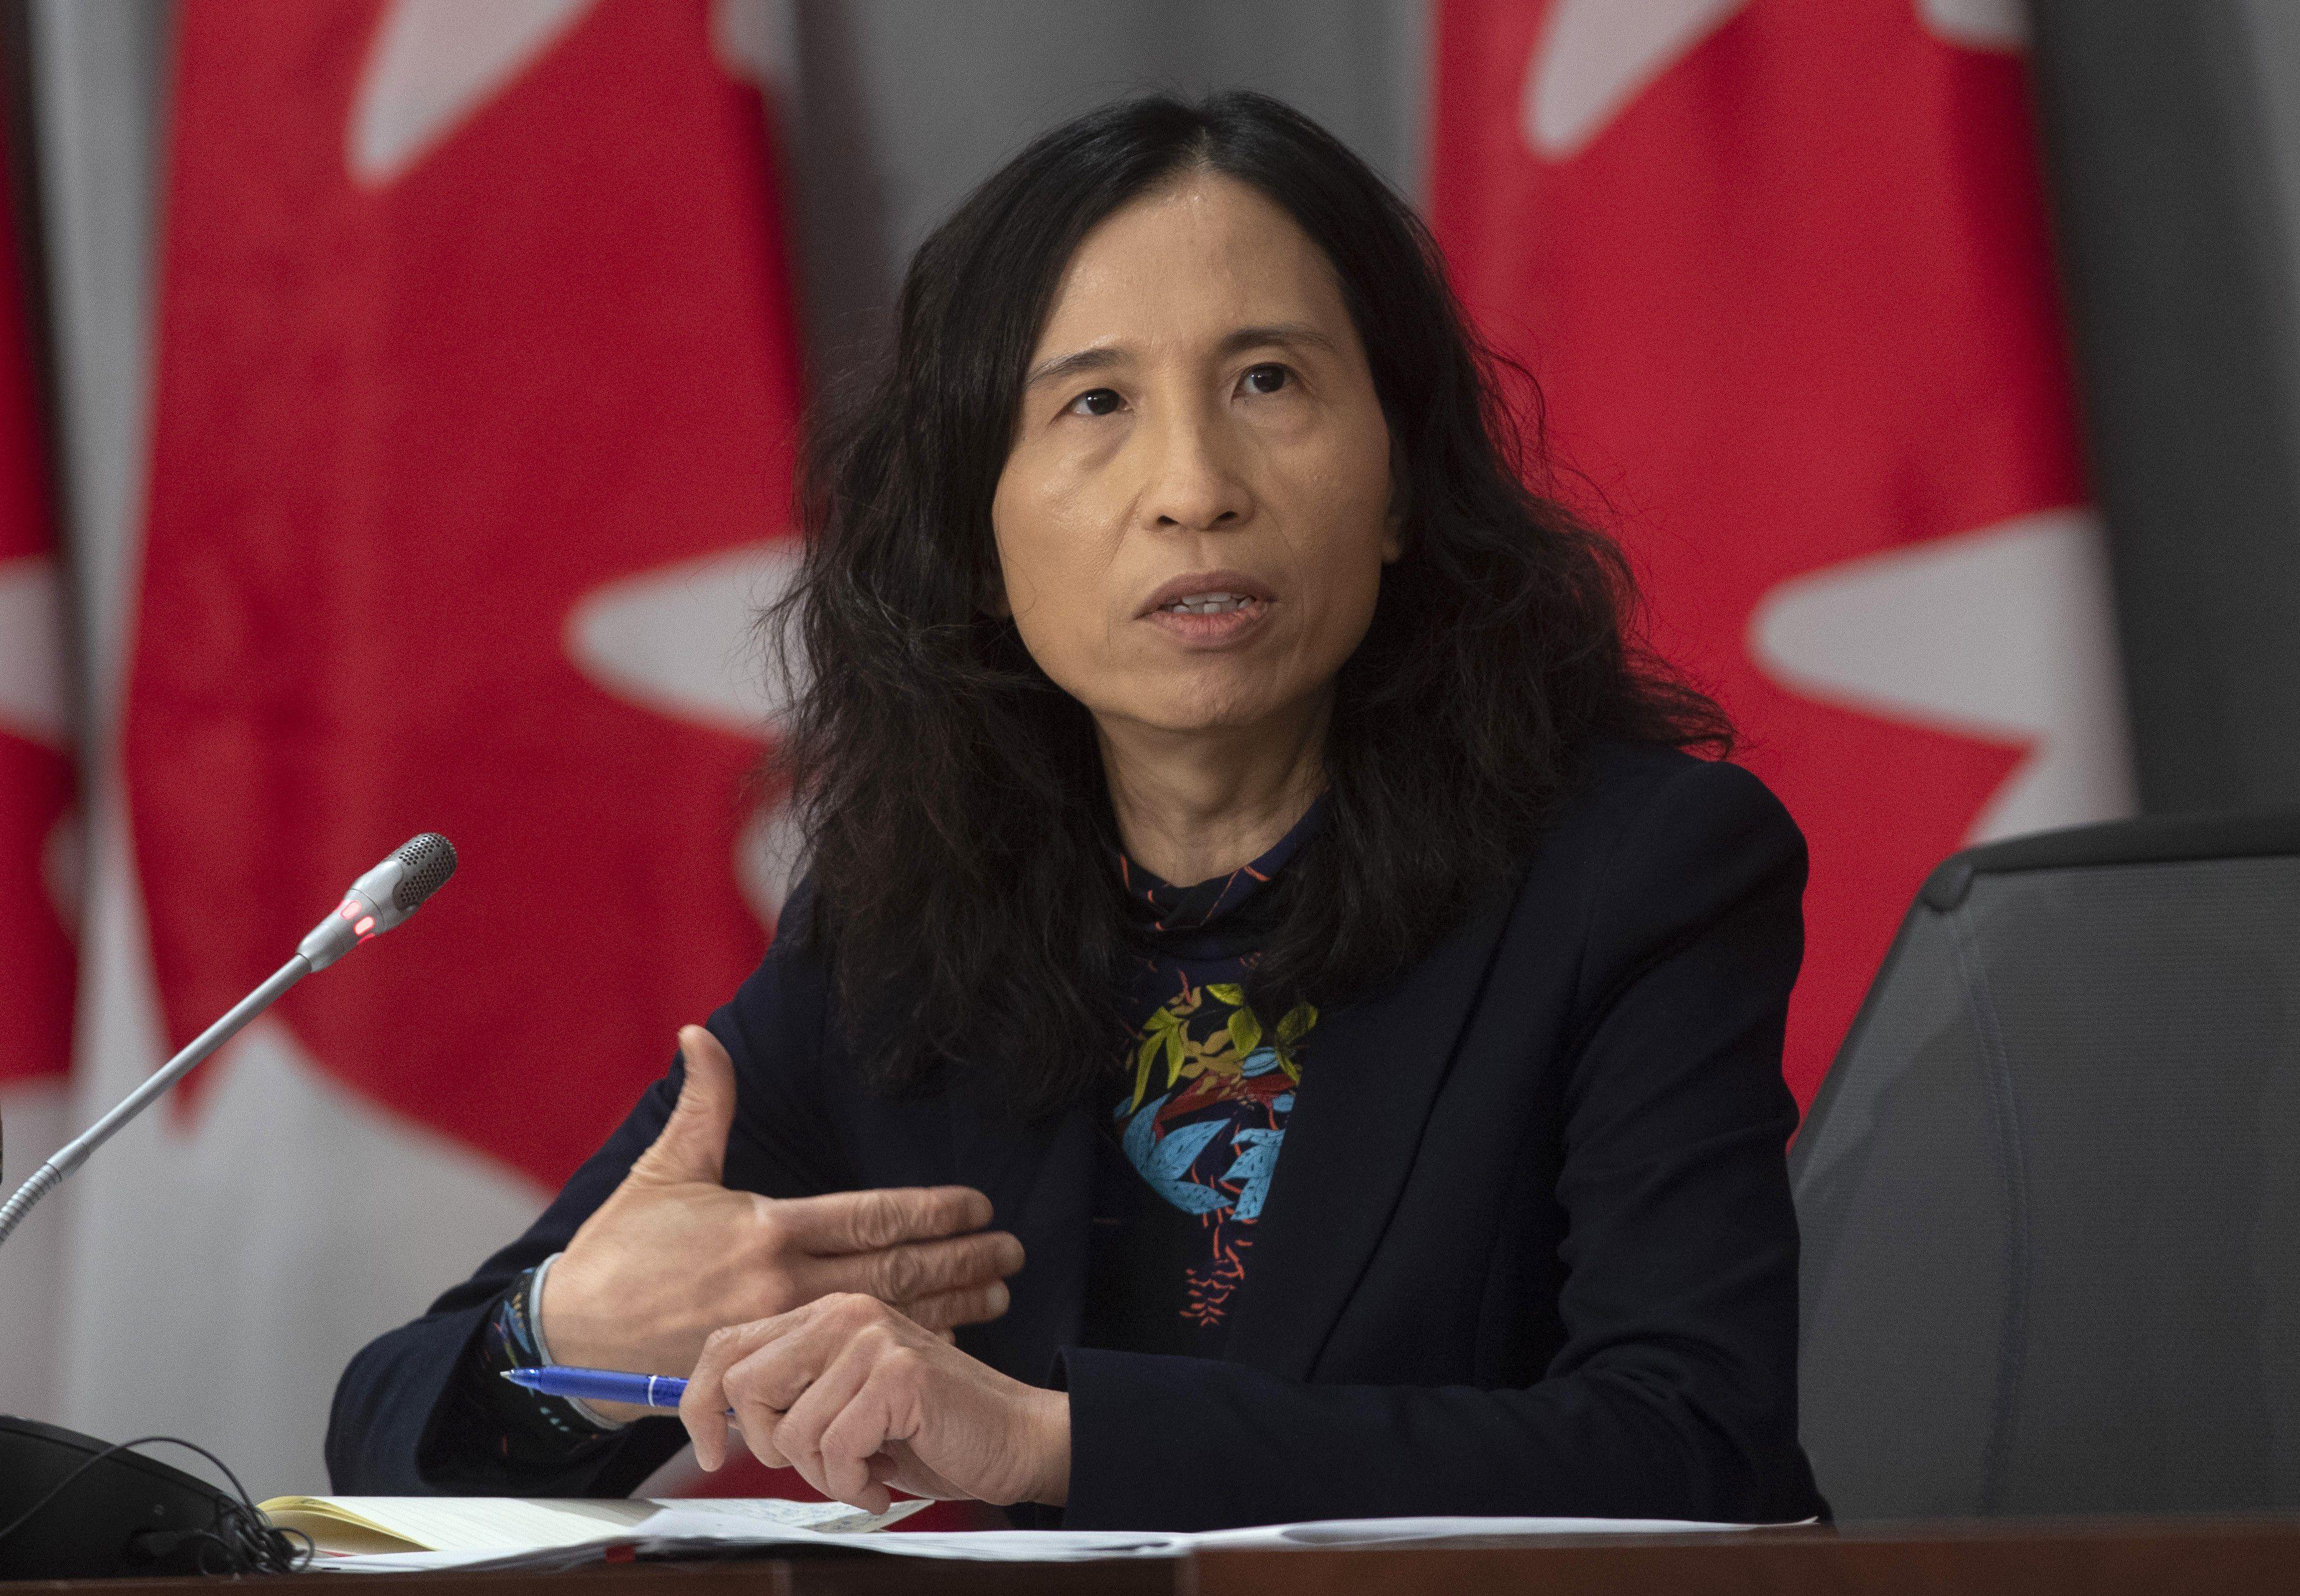 Giám đốc y tế công cộng Theresa Tam và tuyên bố về việc Canada mở cửa biên giới